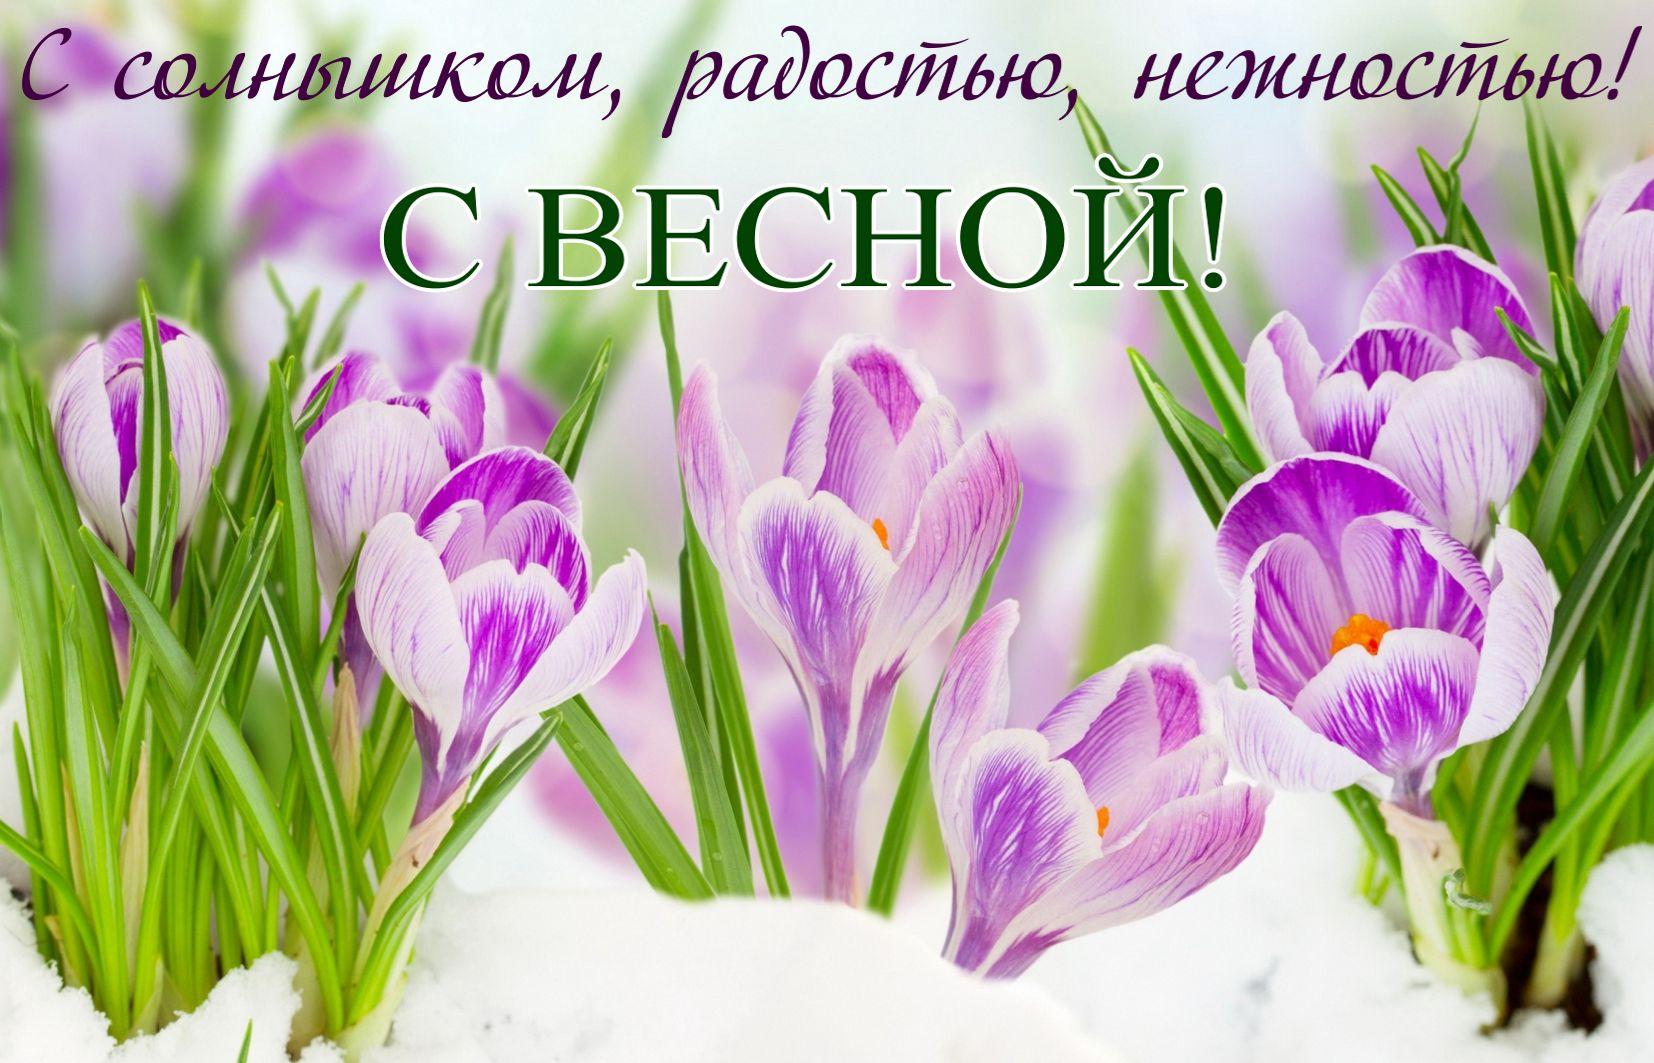 Фиолетовые цветы на снегу на День весны